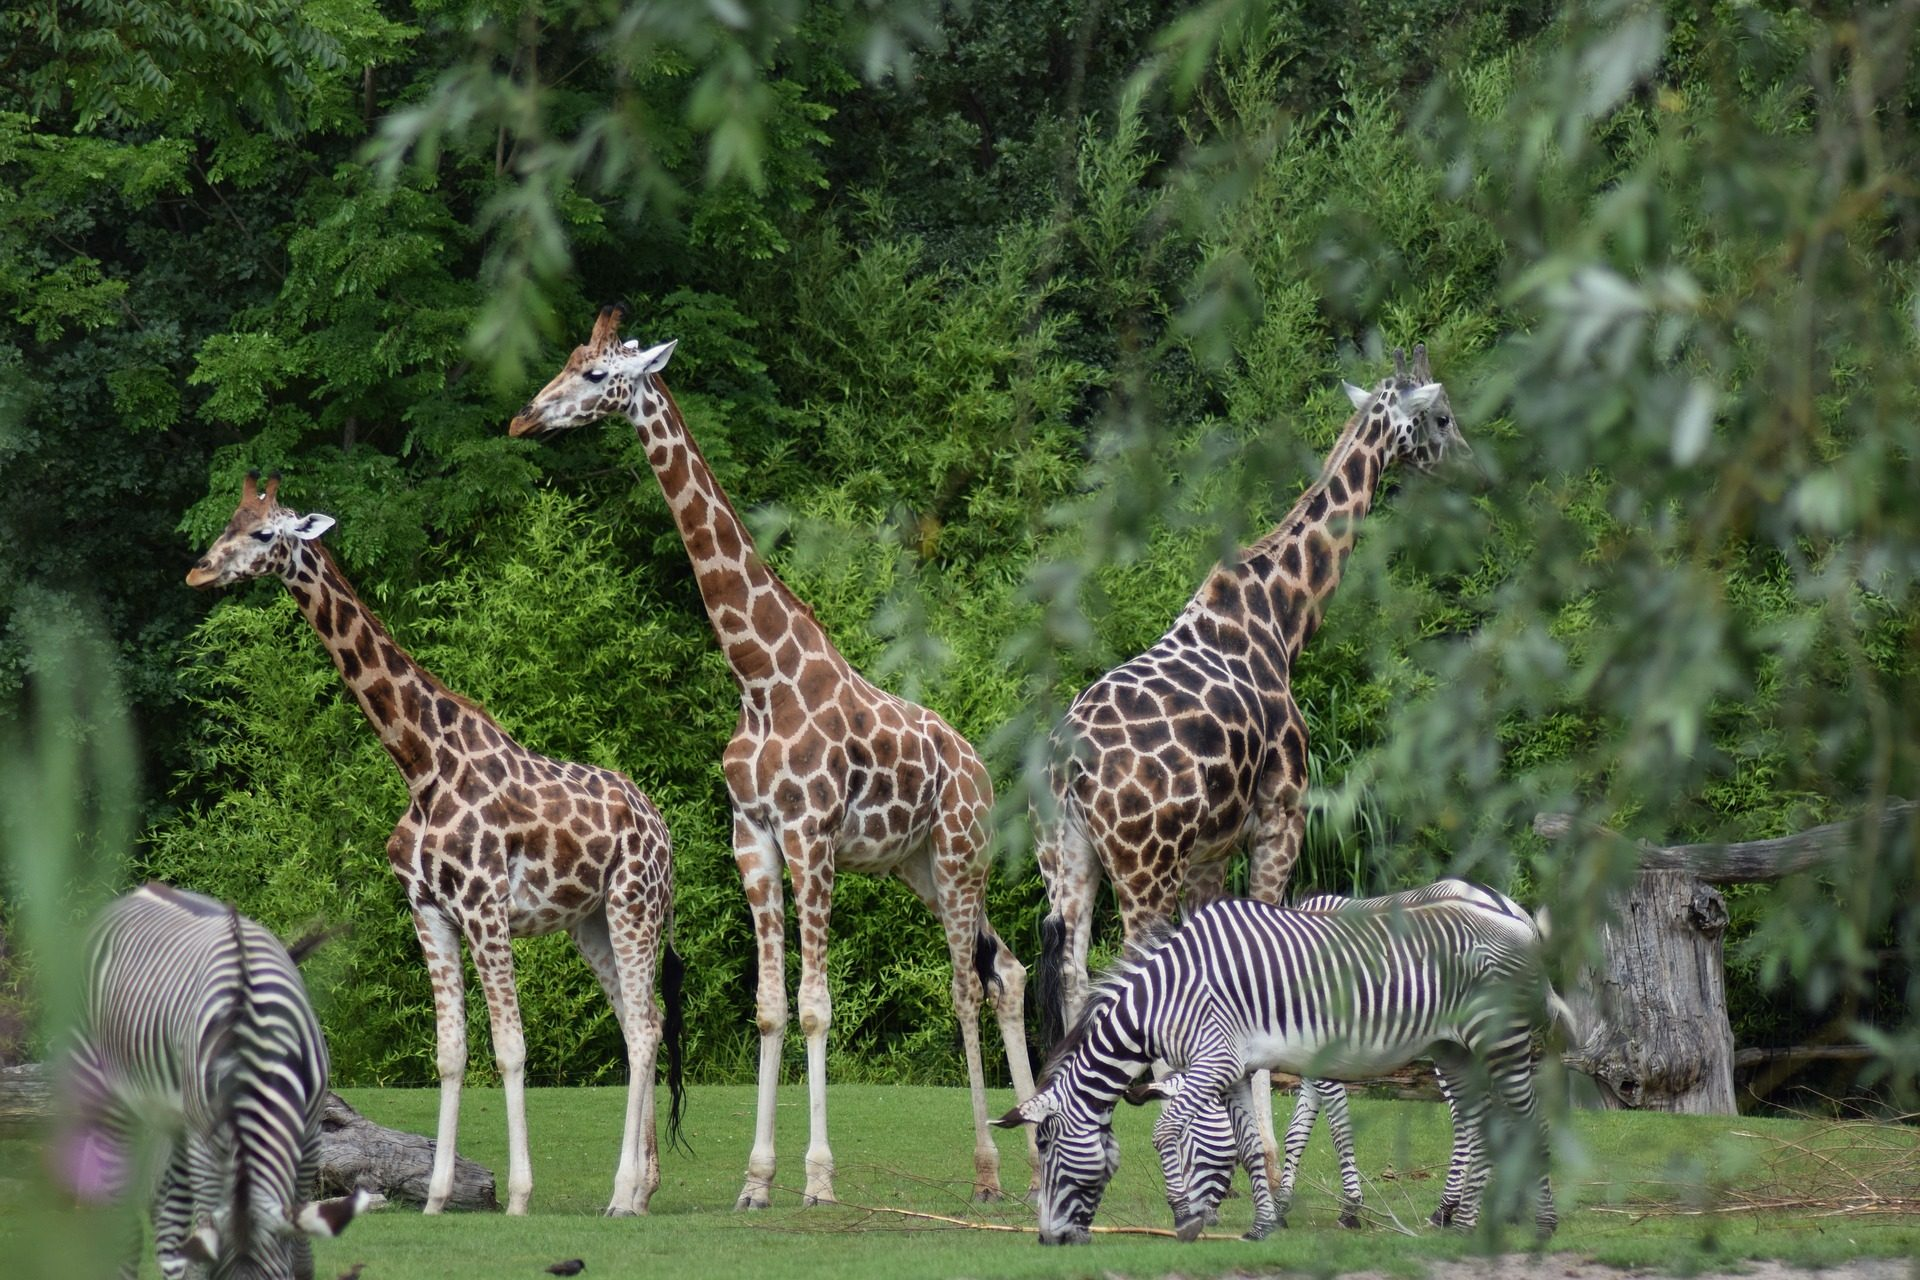 Giraffen, Zebras, Zoo, Reservierung, Bäume - Wallpaper HD - Prof.-falken.com